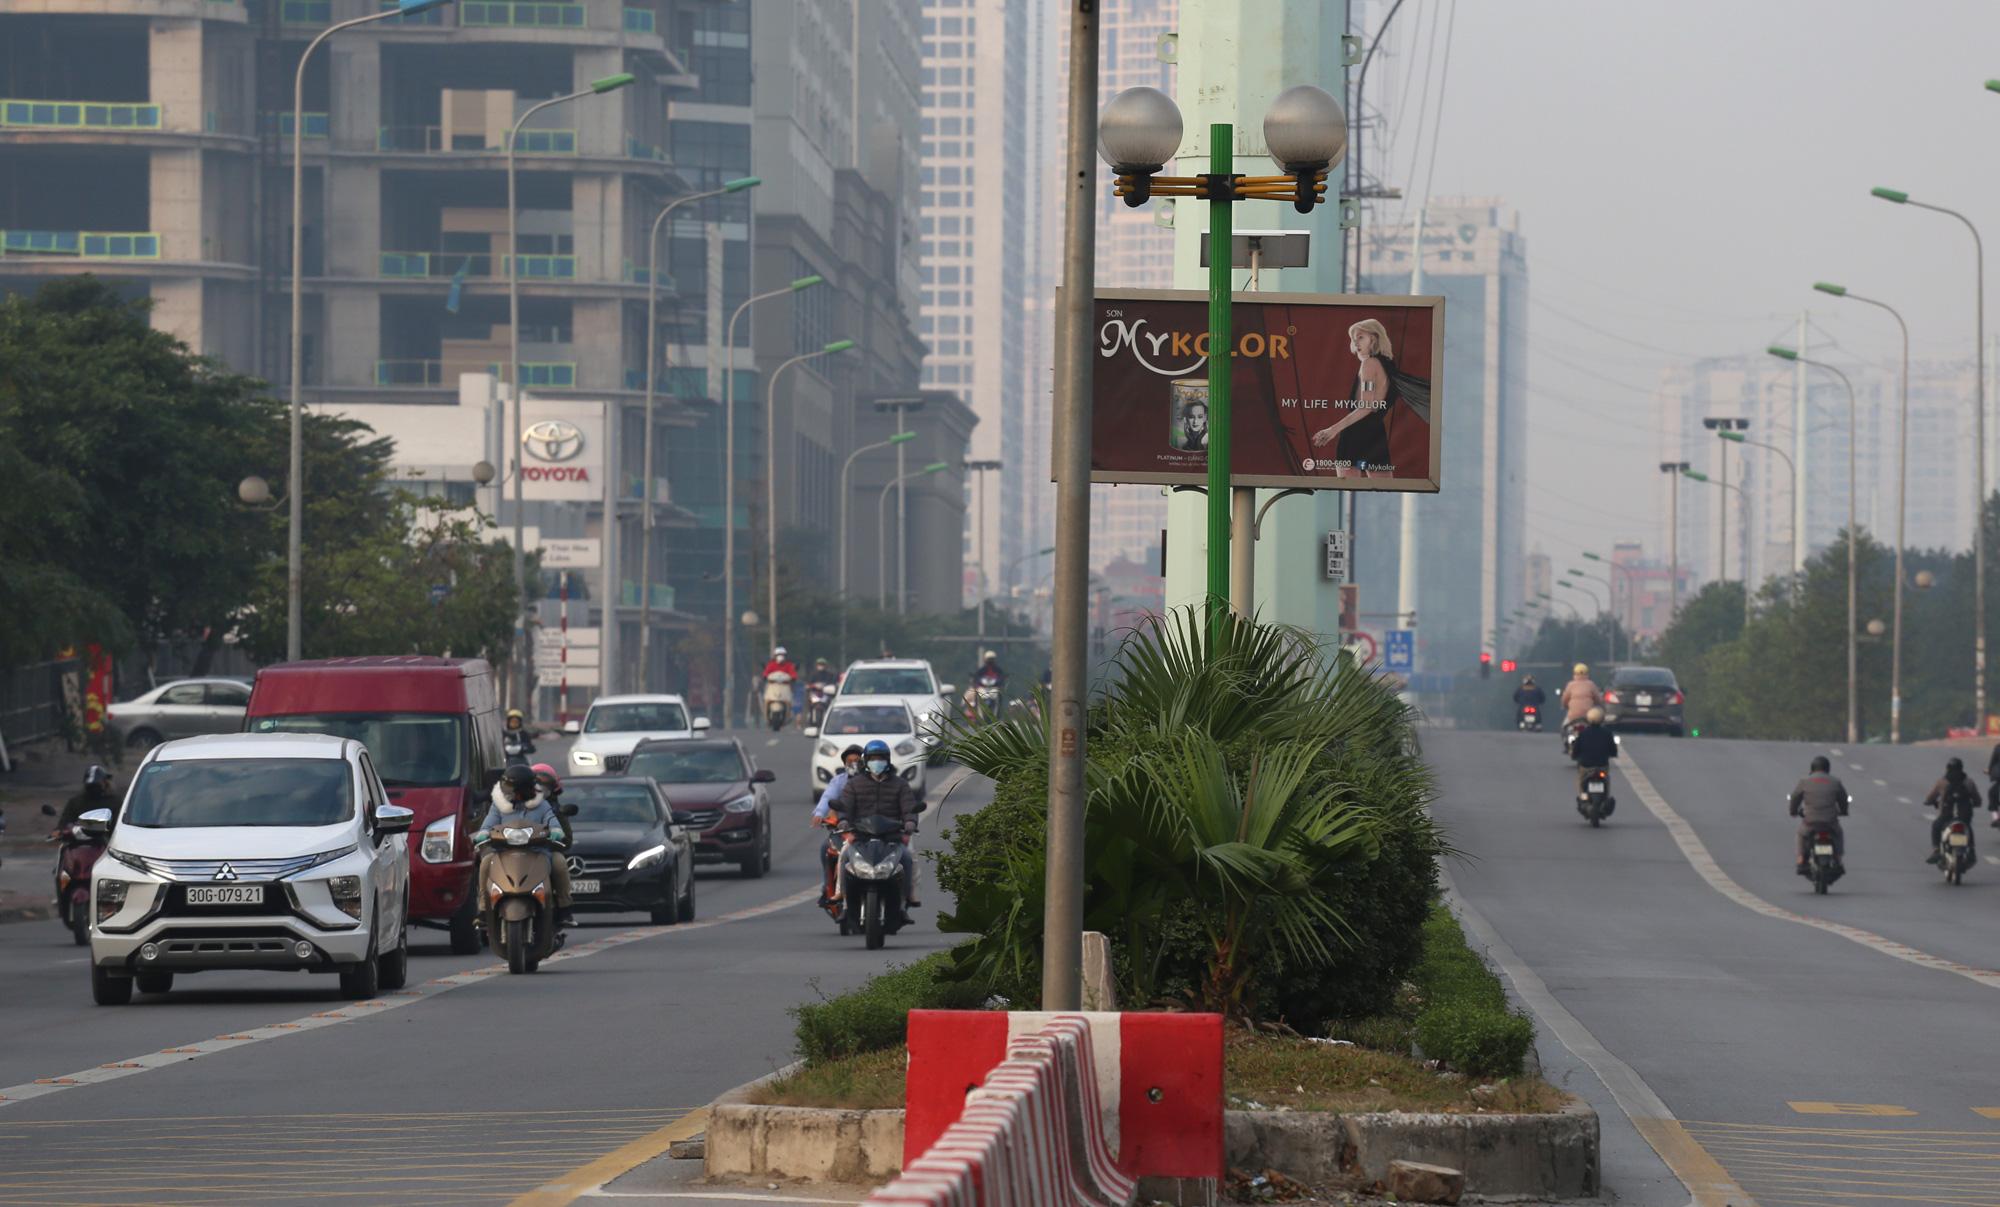 Hà Nội mù mịt ô nhiễm không khí nhìn từ trên cao dù trời có nắng - Ảnh 9.